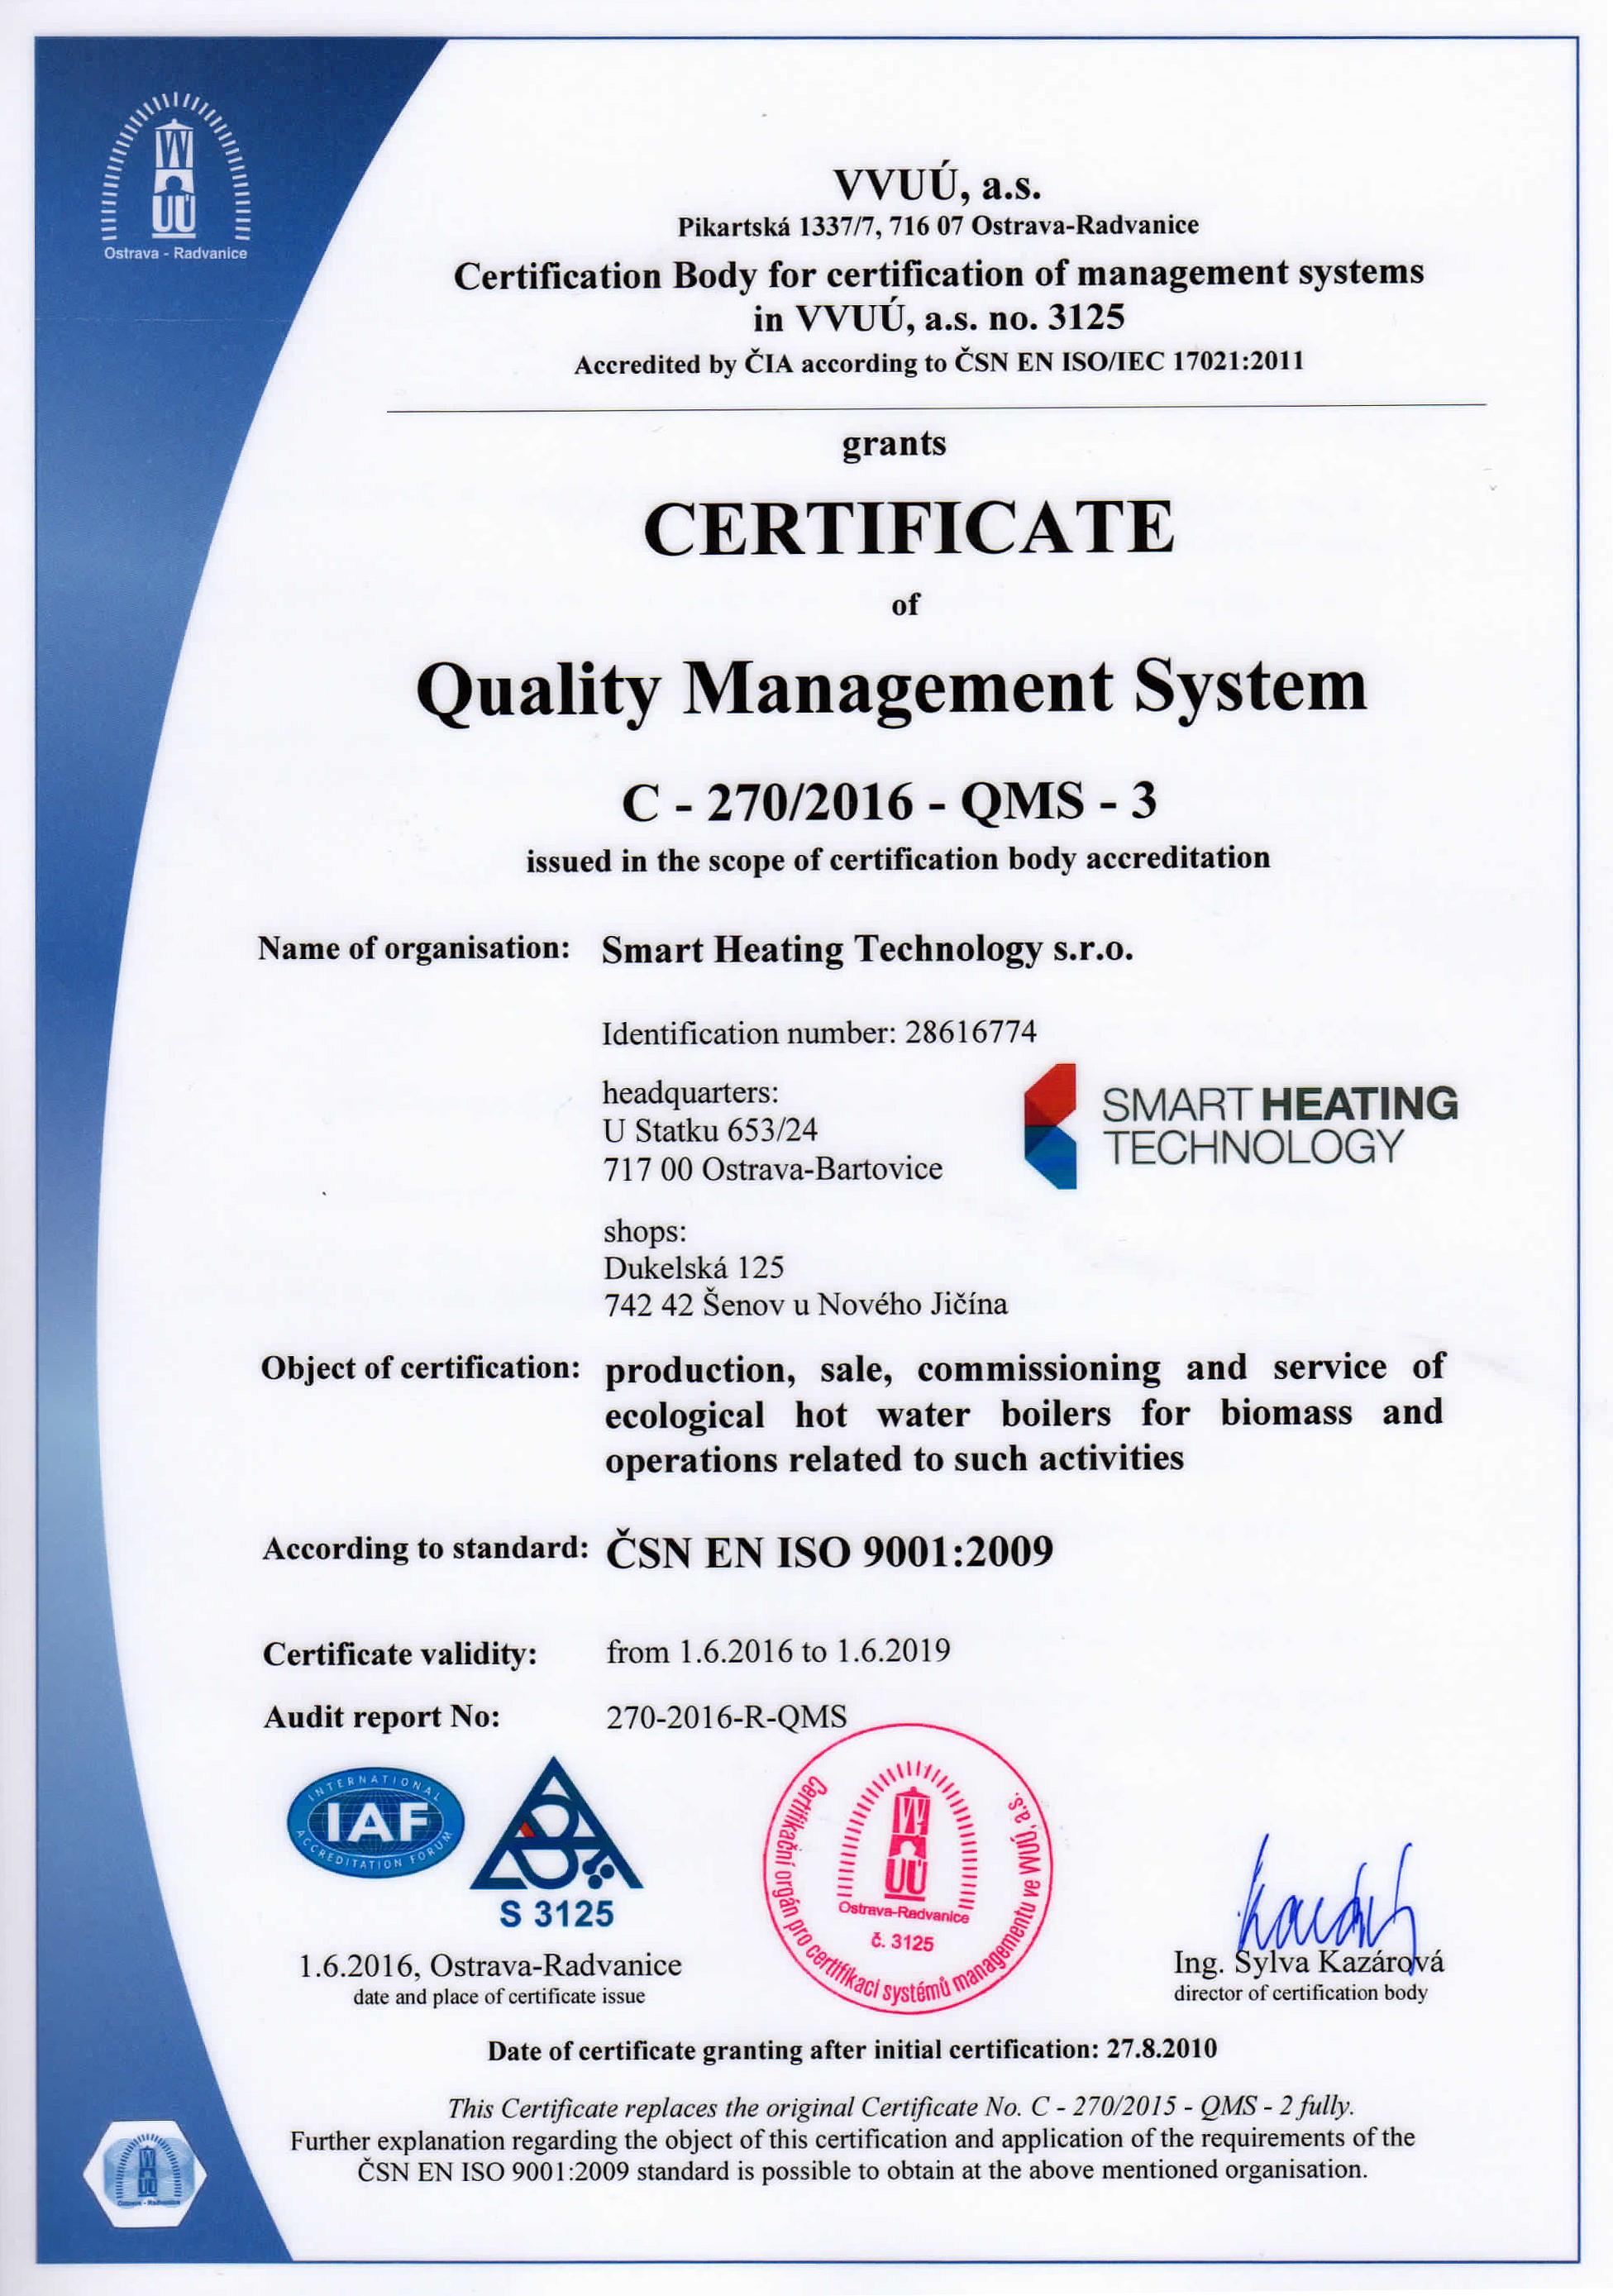 certifikat-c_270_2016-qms_3-eng